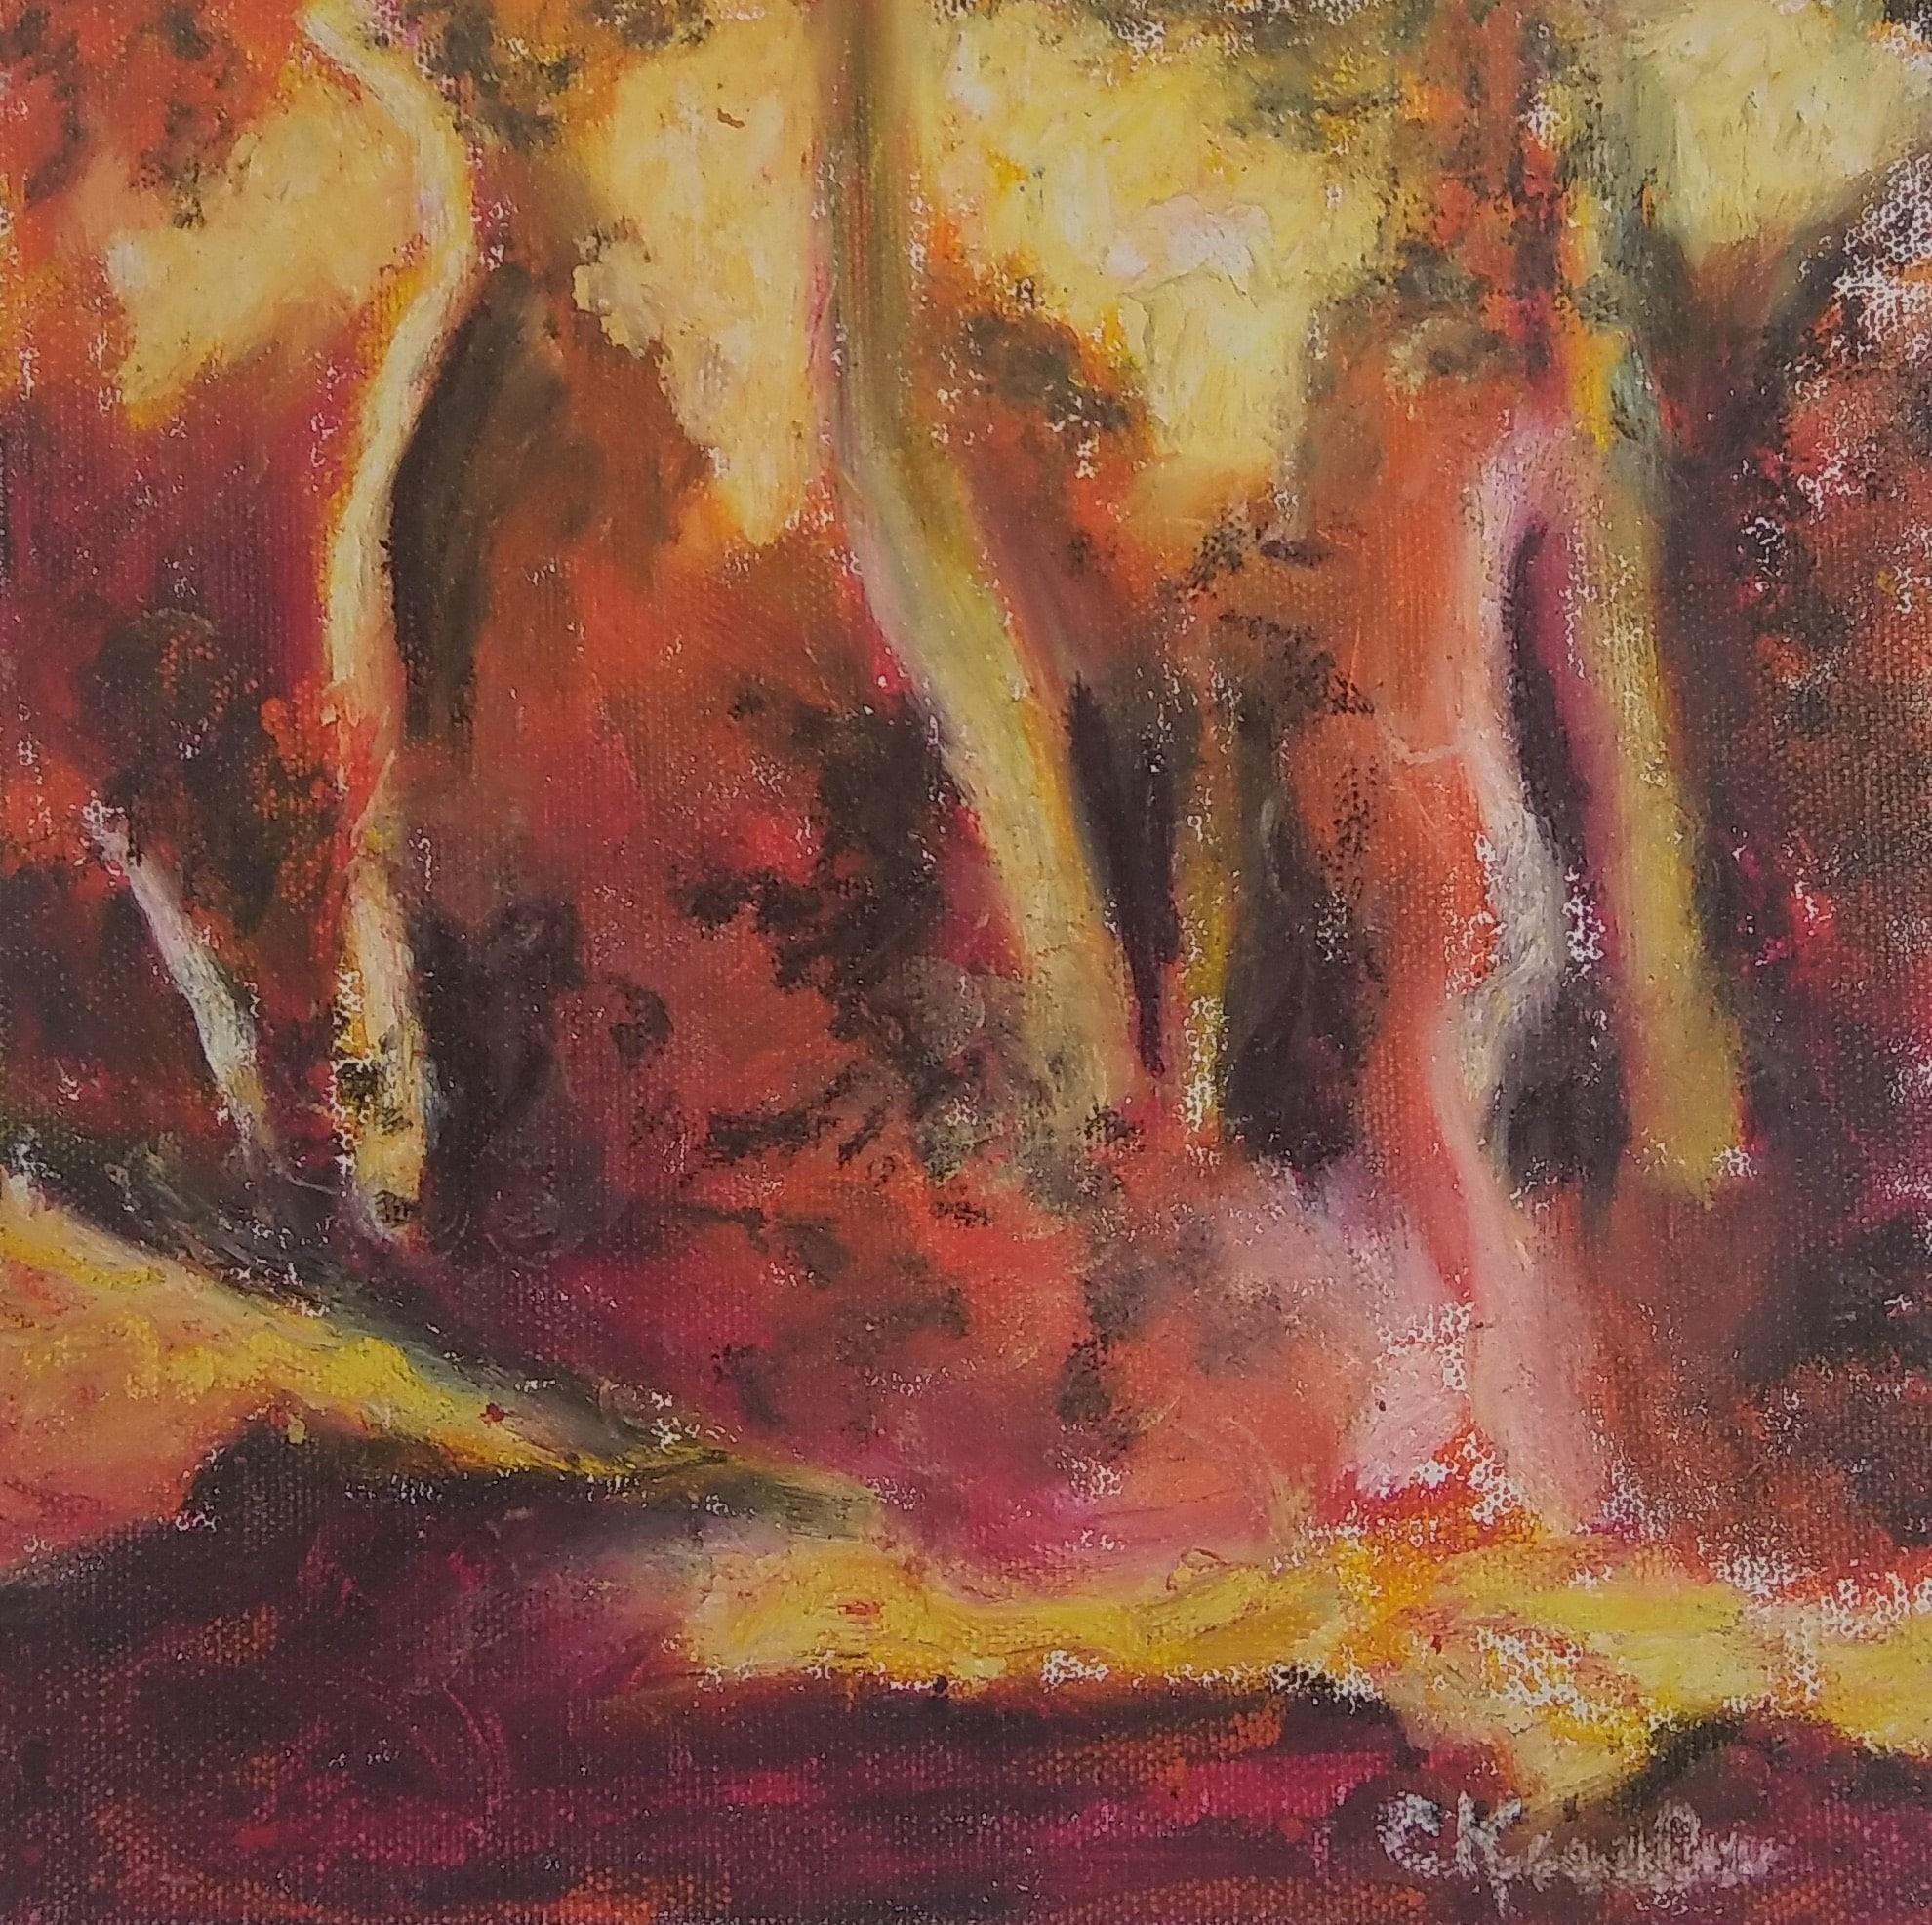 Birch Tree Variation by Carol Kessler